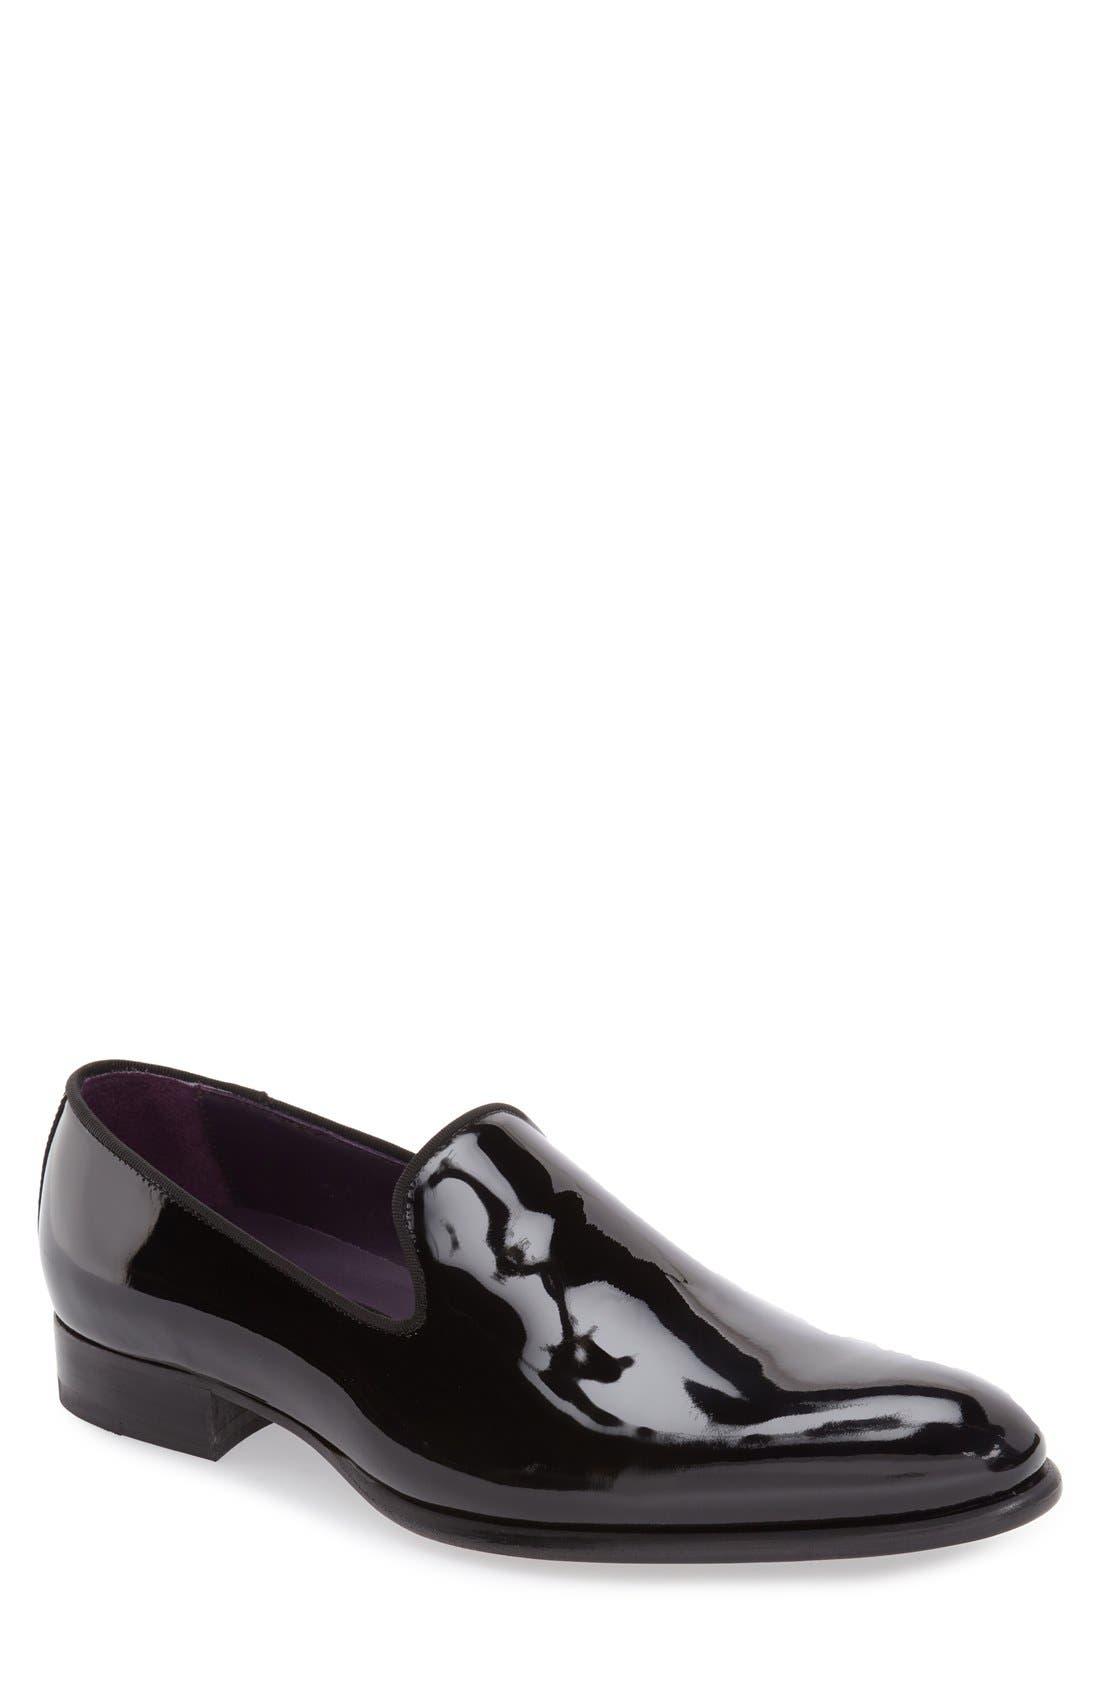 'Delevan' Loafer,                         Main,                         color, BLACK PATENT